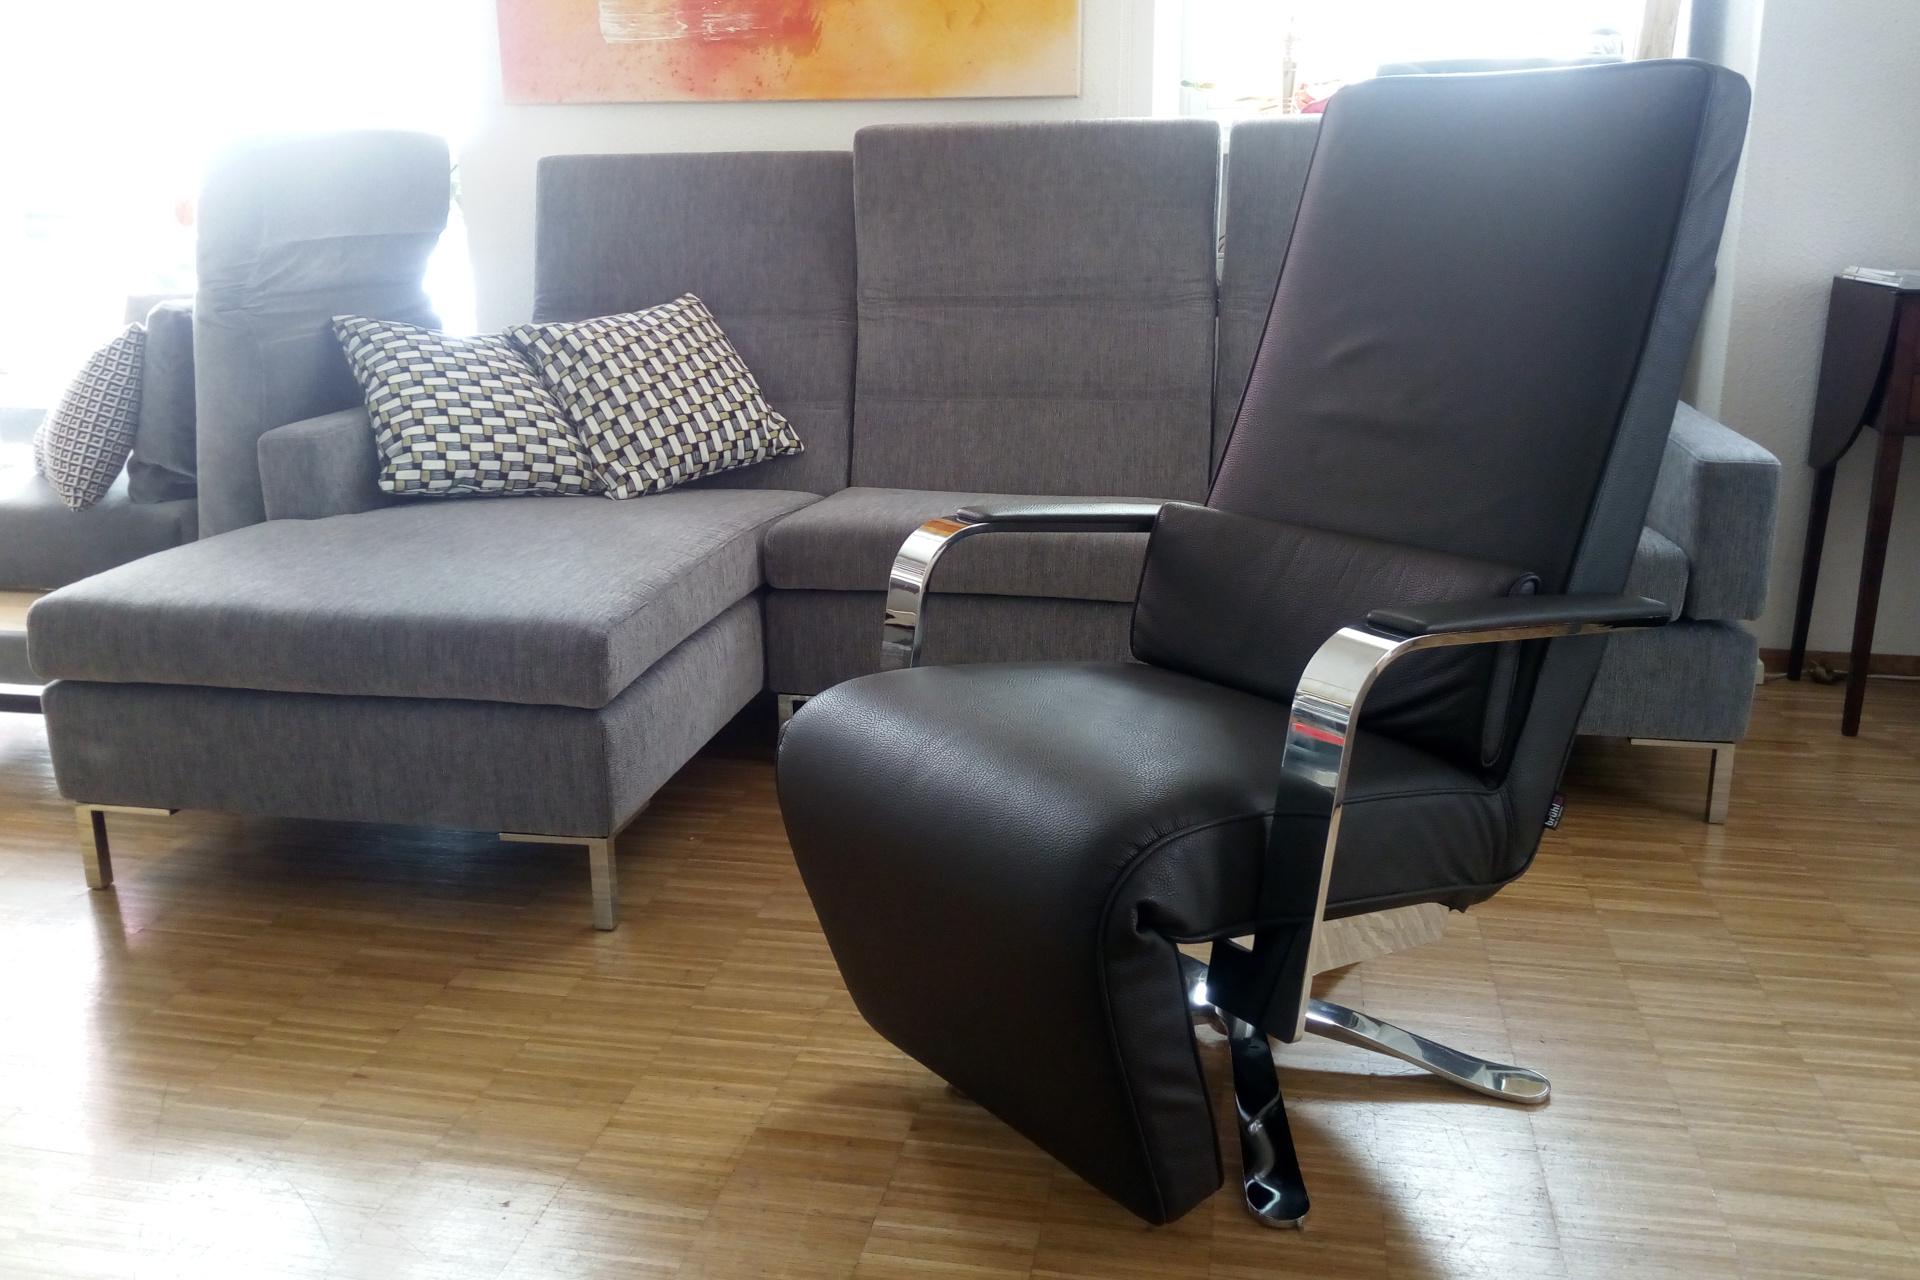 Ausstellungs-Angebot brühl dave Sessel Relax